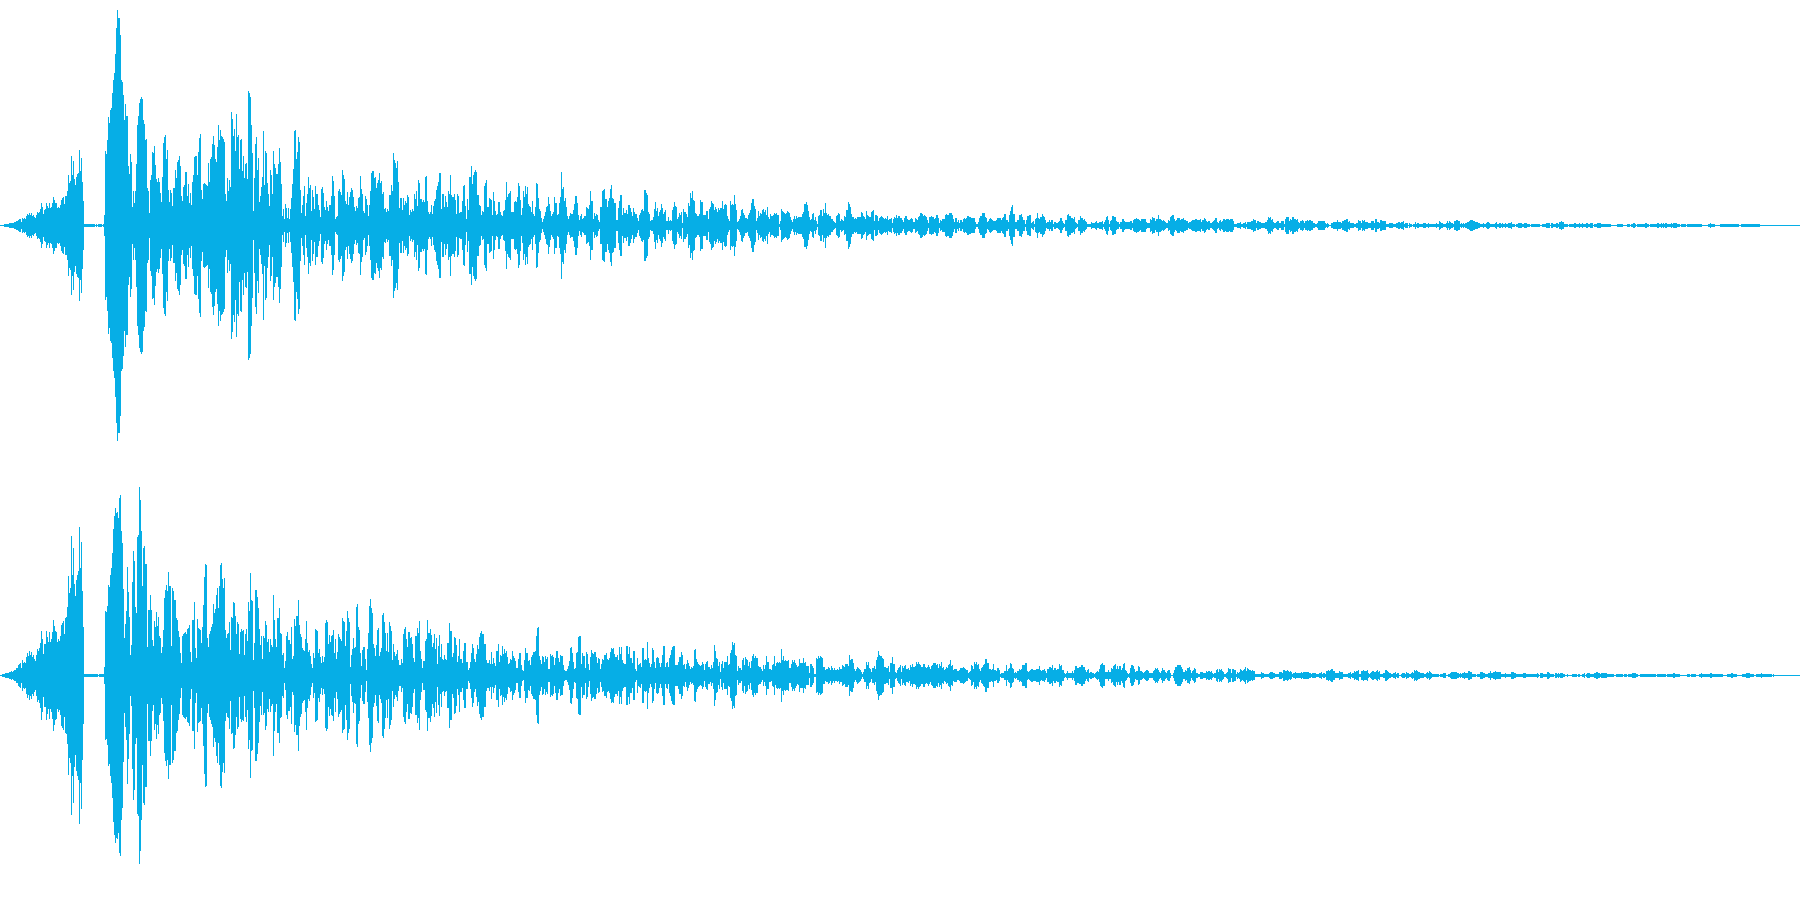 シューンドーン:インパクト音の再生済みの波形